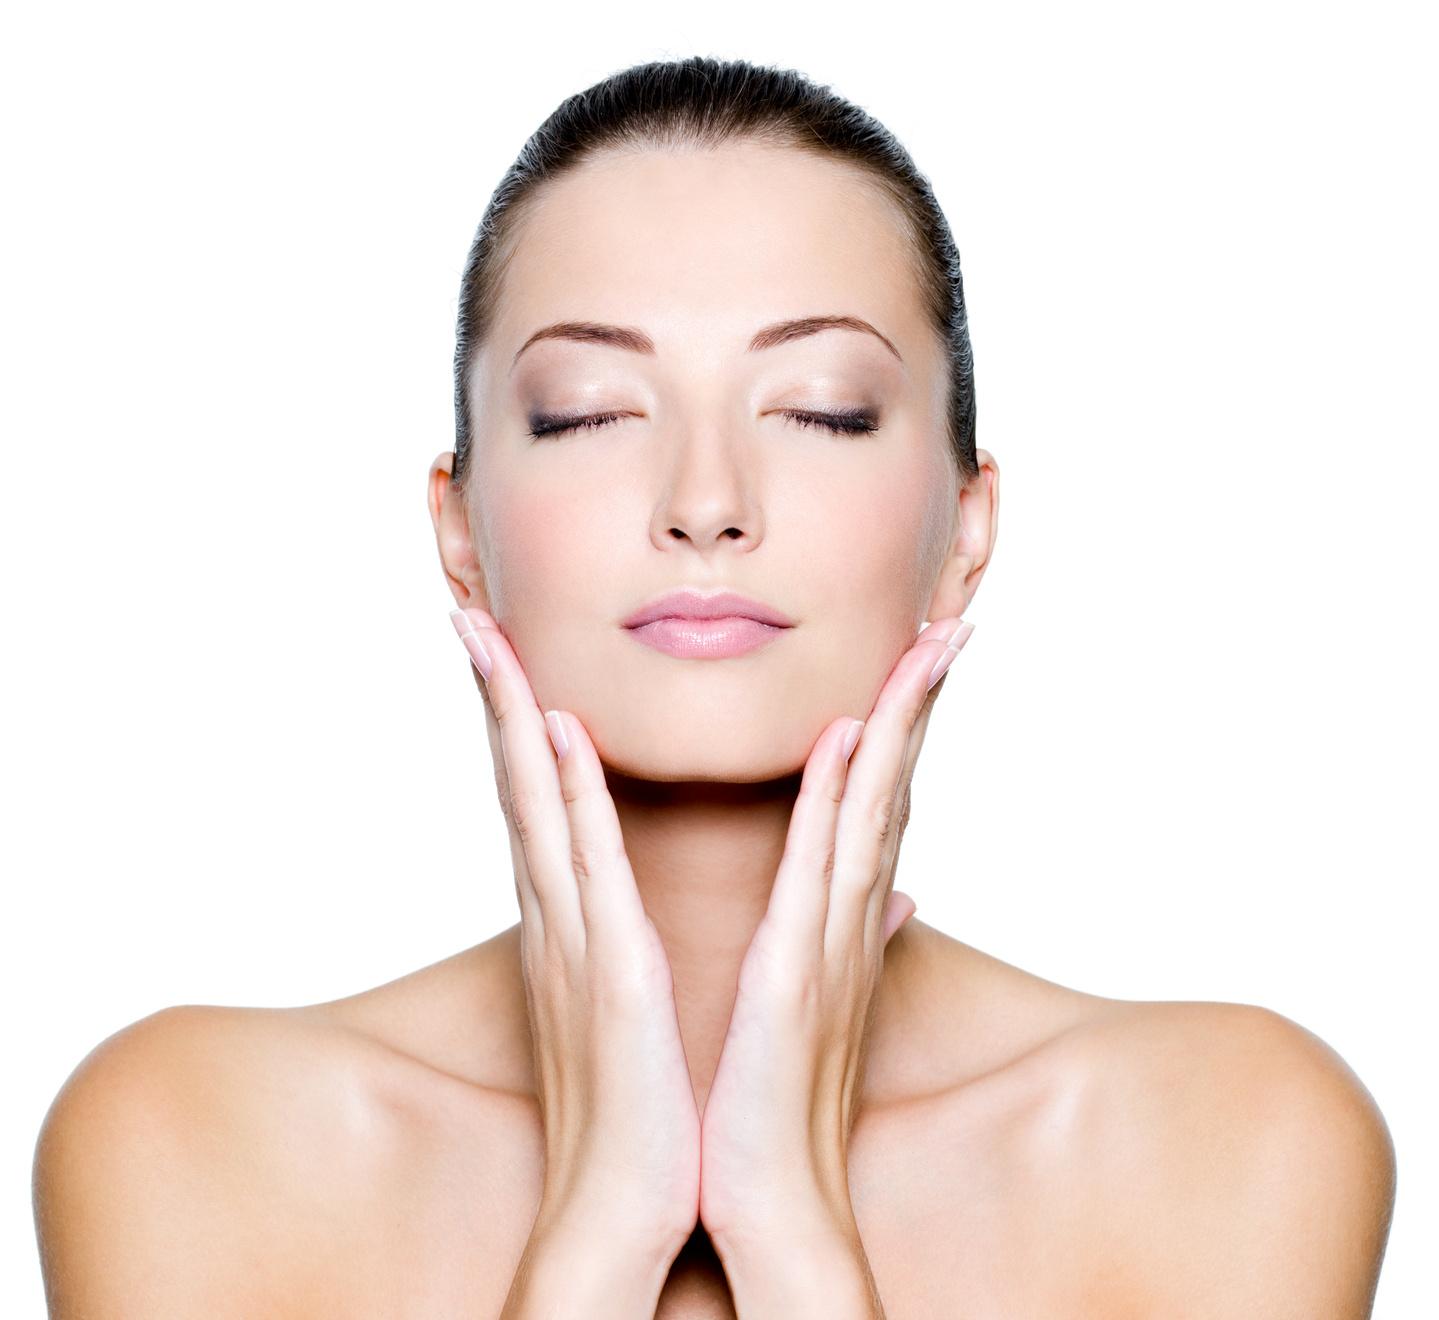 Scăpați de micile defecte ale pielii